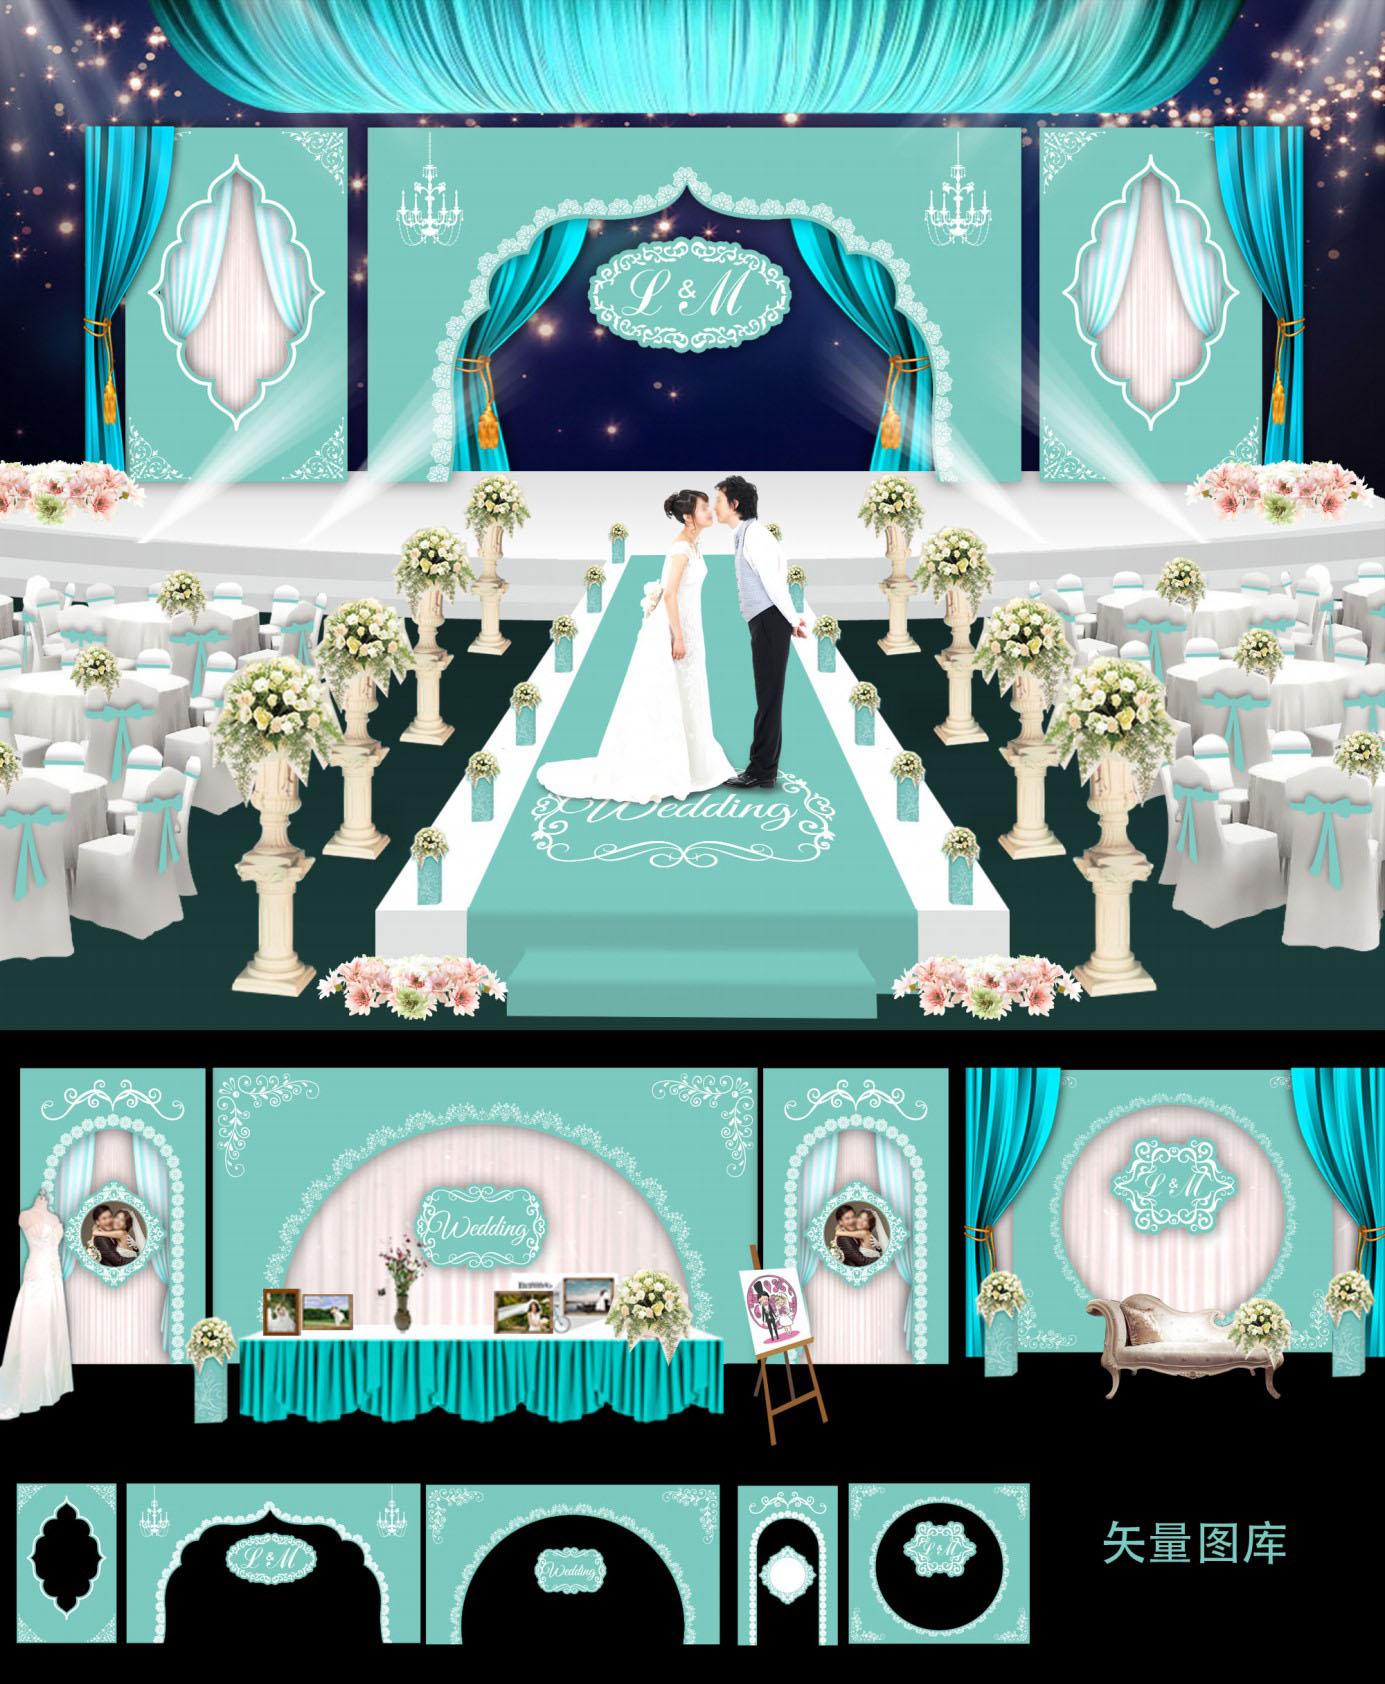 创意蒂芙尼蓝主题婚礼背景效果图设计cd素材模板ai源文件喷绘素材图片